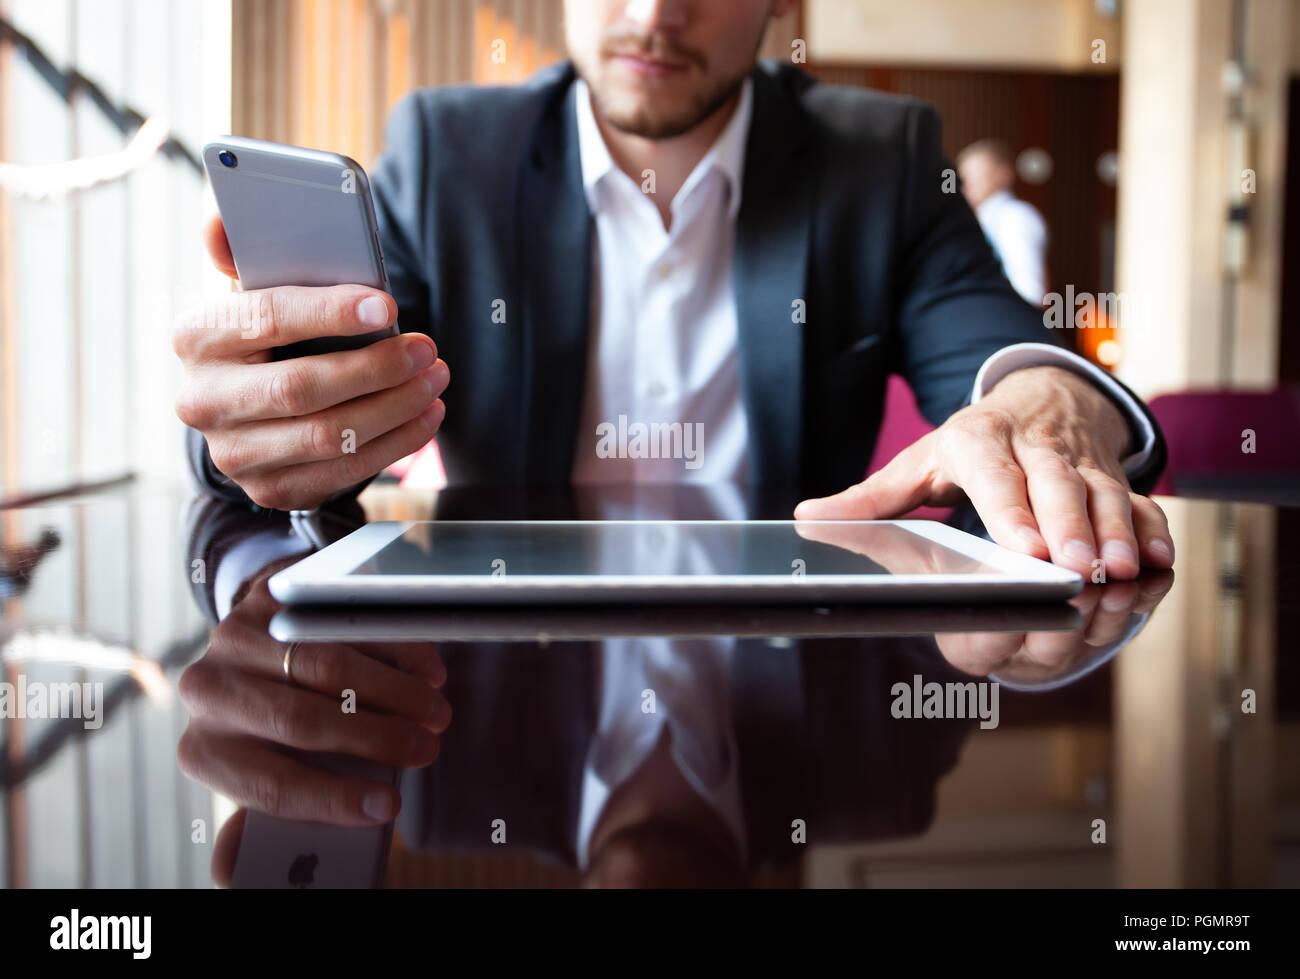 Joven empresario trabajando con modernos dispositivos de tableta digital, ordenador y teléfono móvil. Imagen De Stock